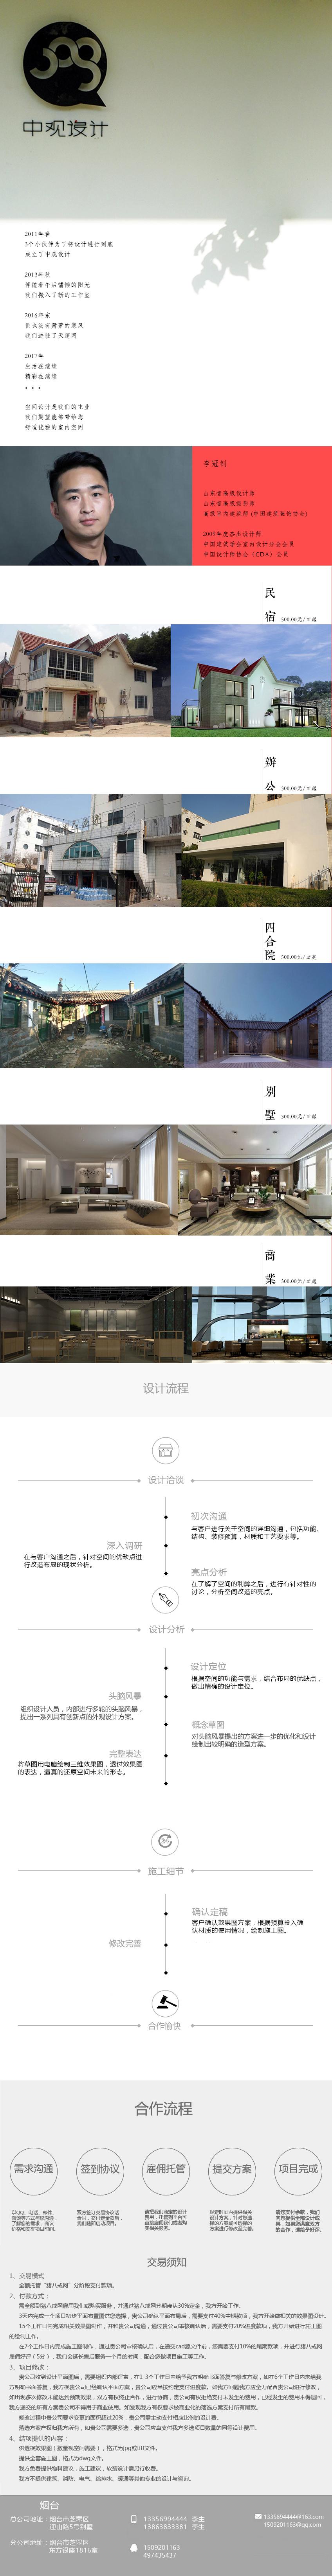 家装设计_家装设计 平层 复式 跃层 现代简约 日式 新中式 田园1